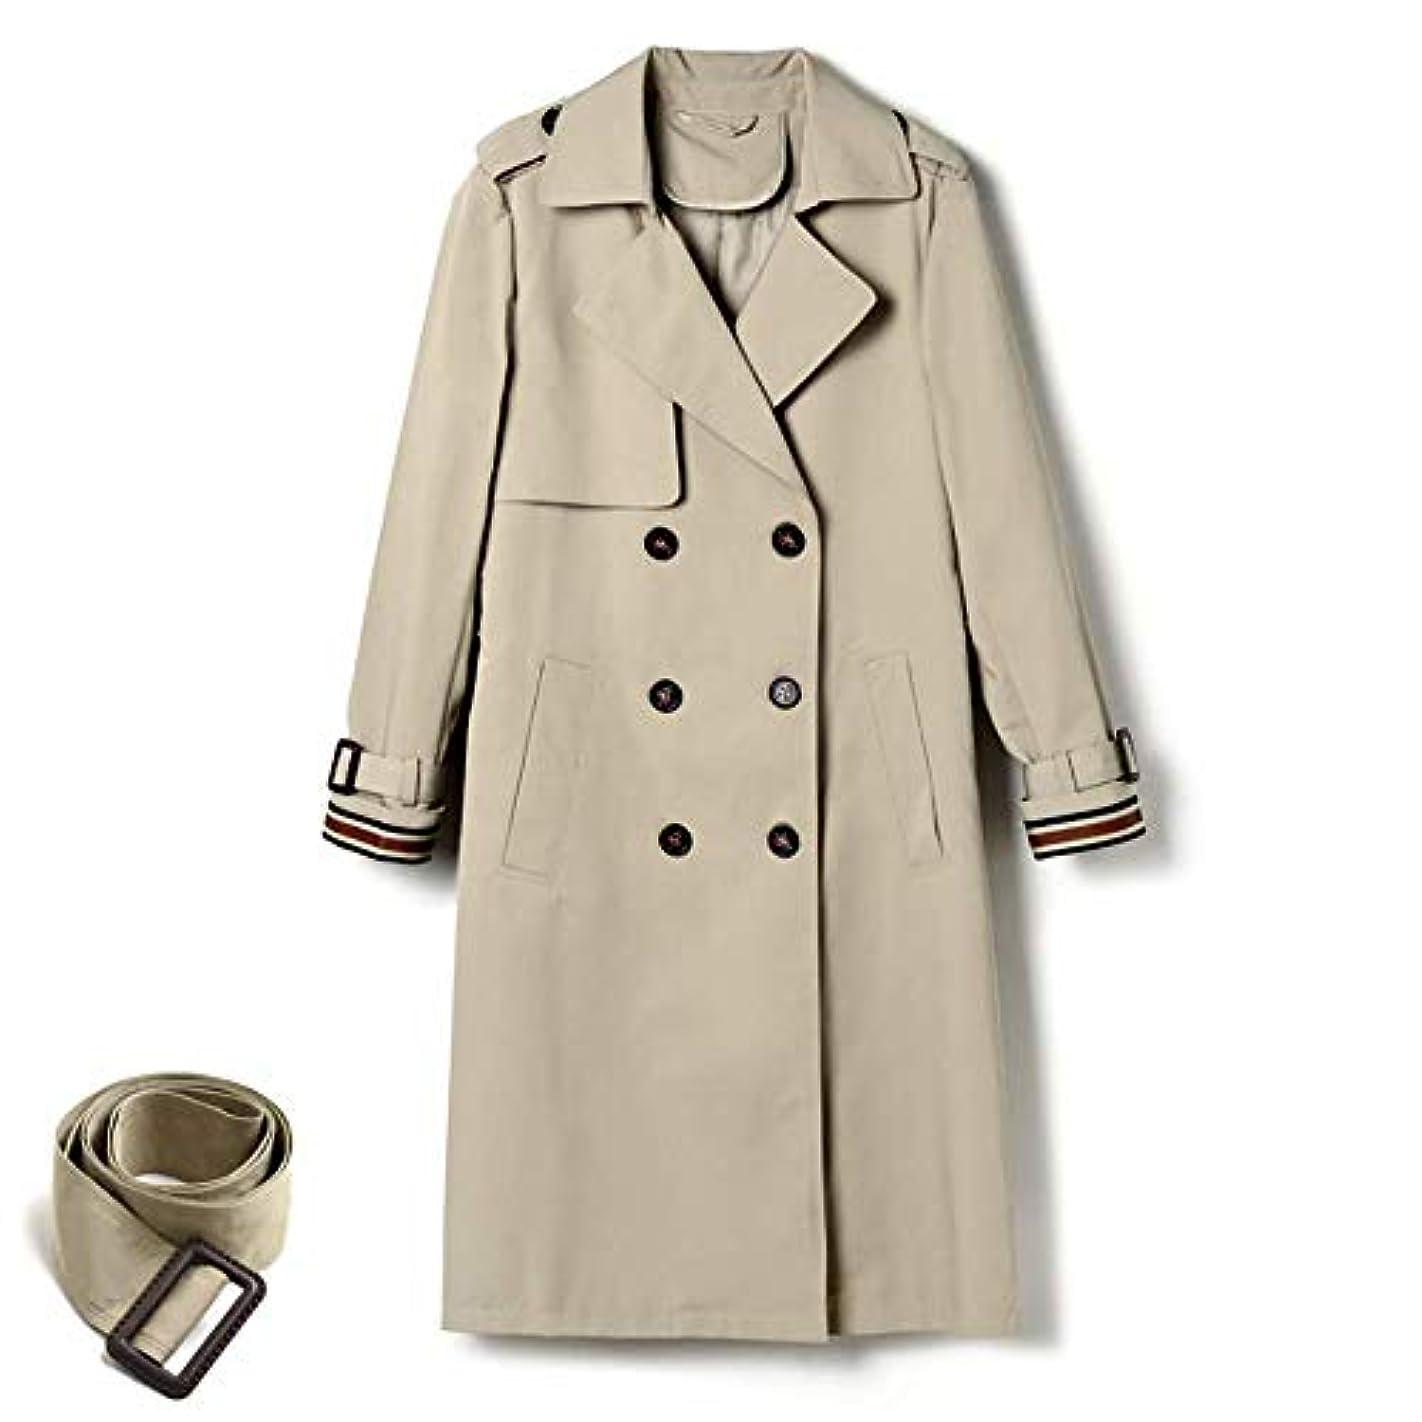 安定しました五ためらう英国風コートコート、スーツ襟ウエストコートレディースロングセクション秋の新しいコートコートレディースジャケットレディースコートレディースウィンドブレーカージャケット,L